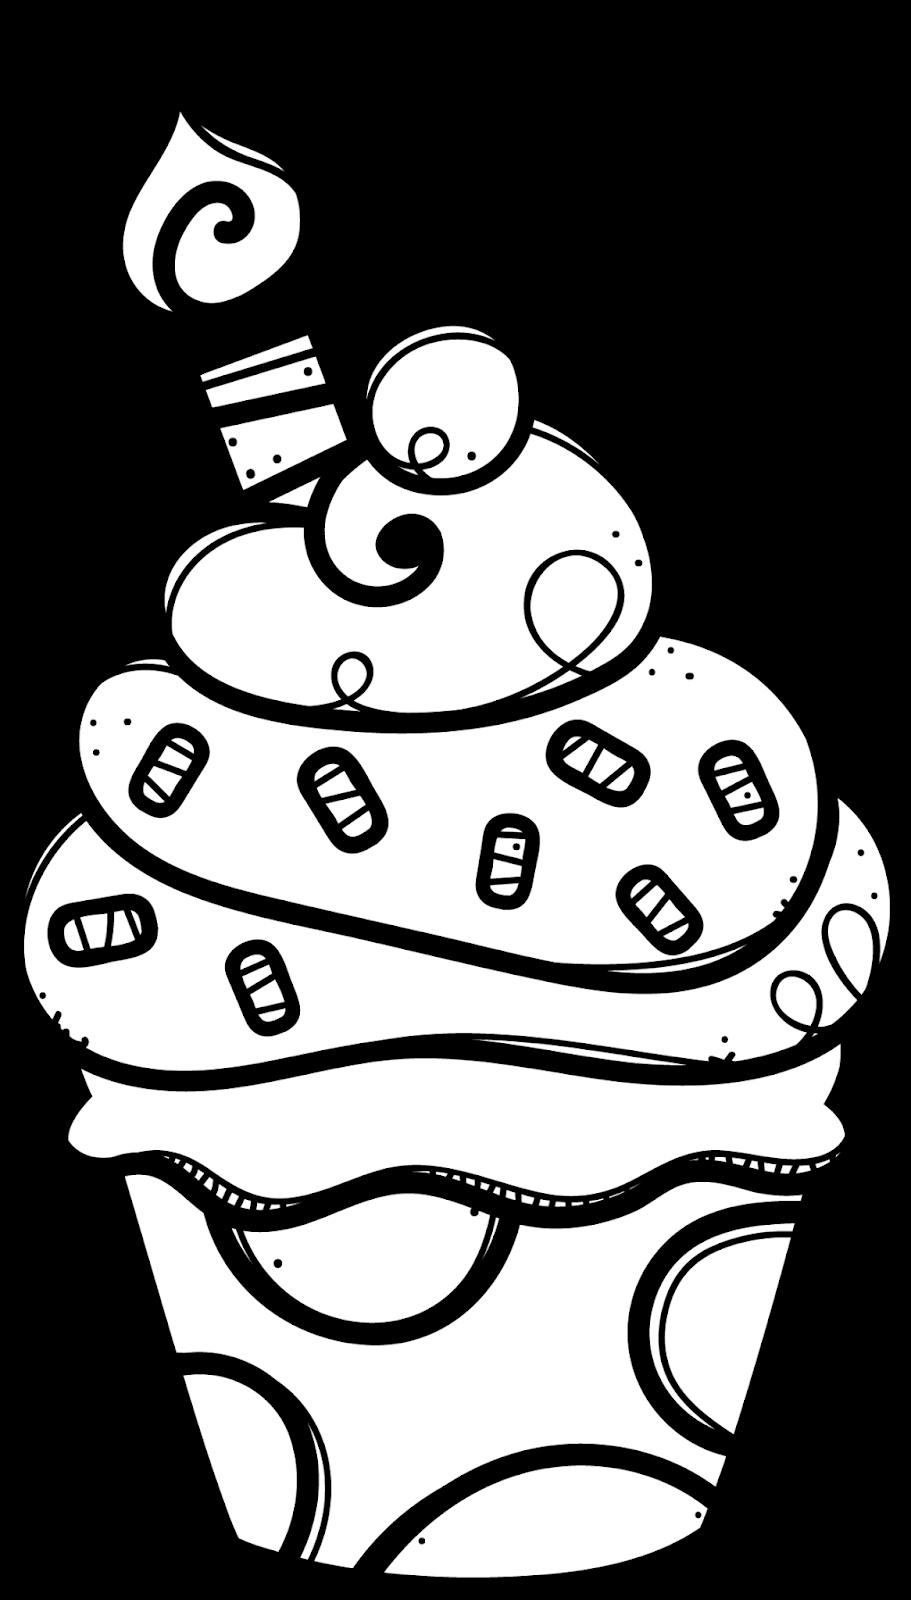 Que Puedo Hacer Hoy Pastelitos De Cumpleanos Dibujos De Cupcakes Artesania De Bebe Dibujos De Cumpleanos